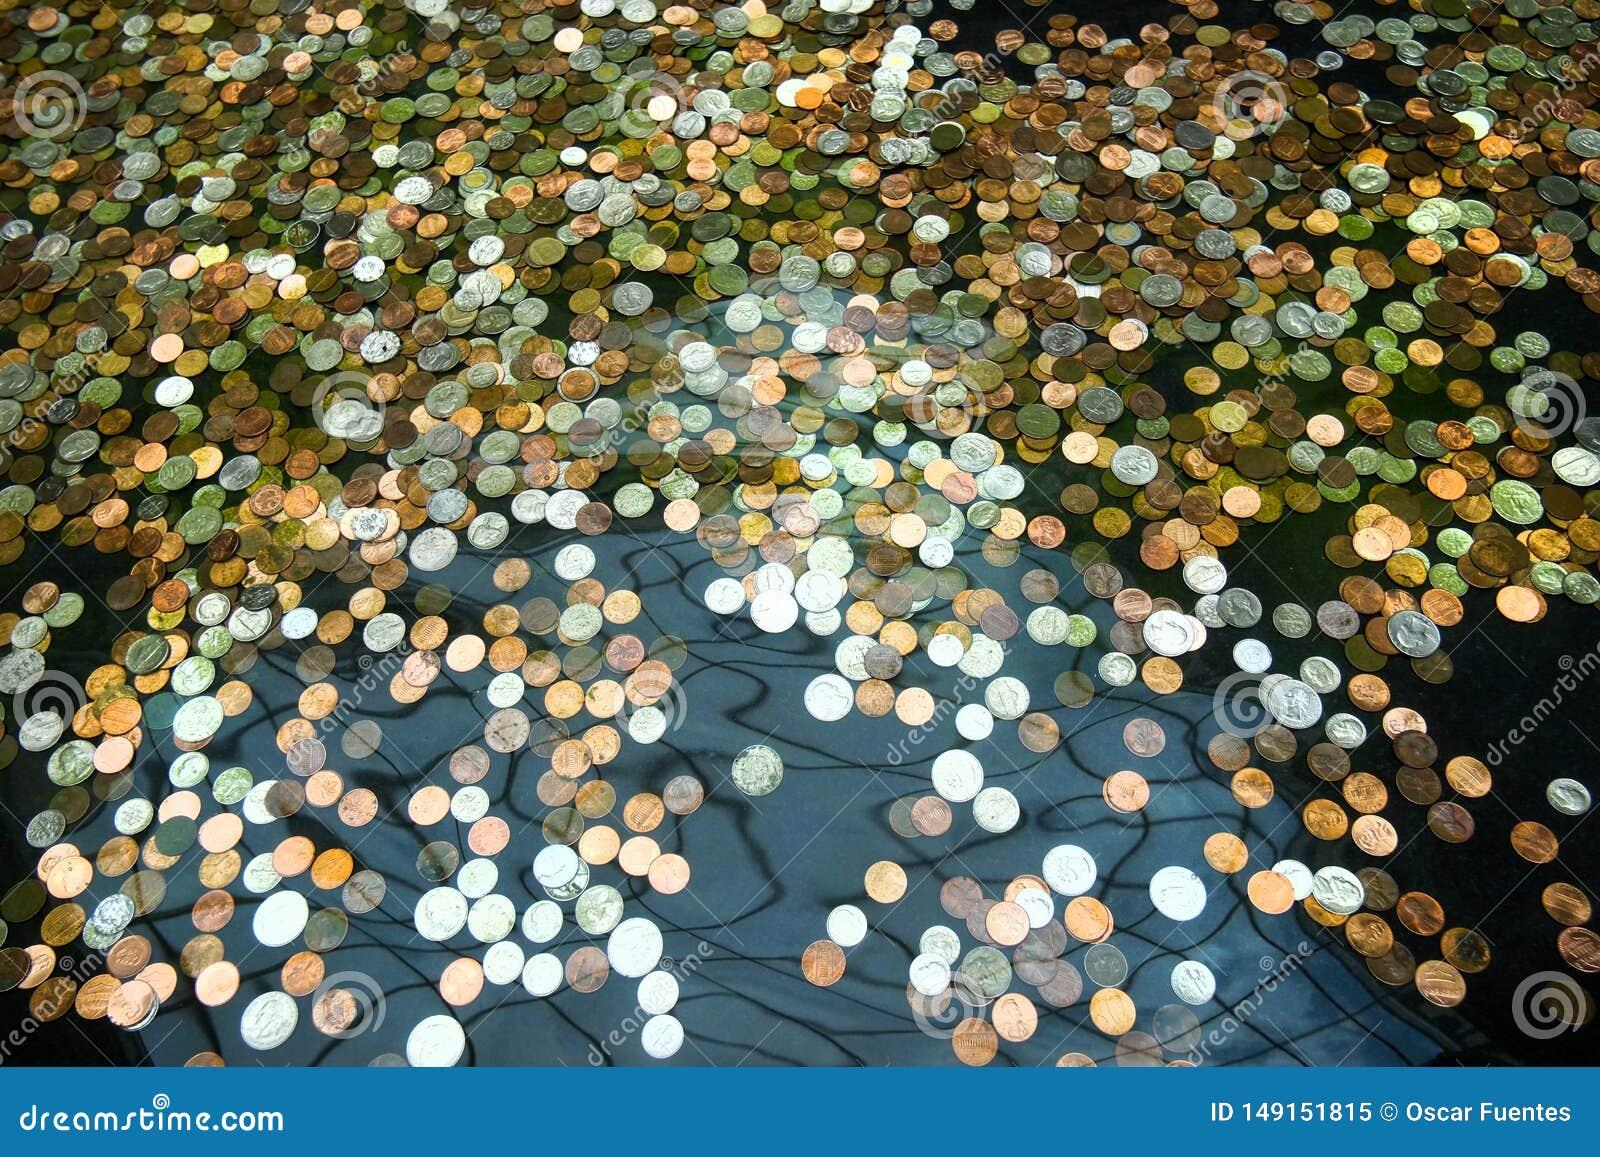 Monedas en una fuente, deseos para la prosperidad